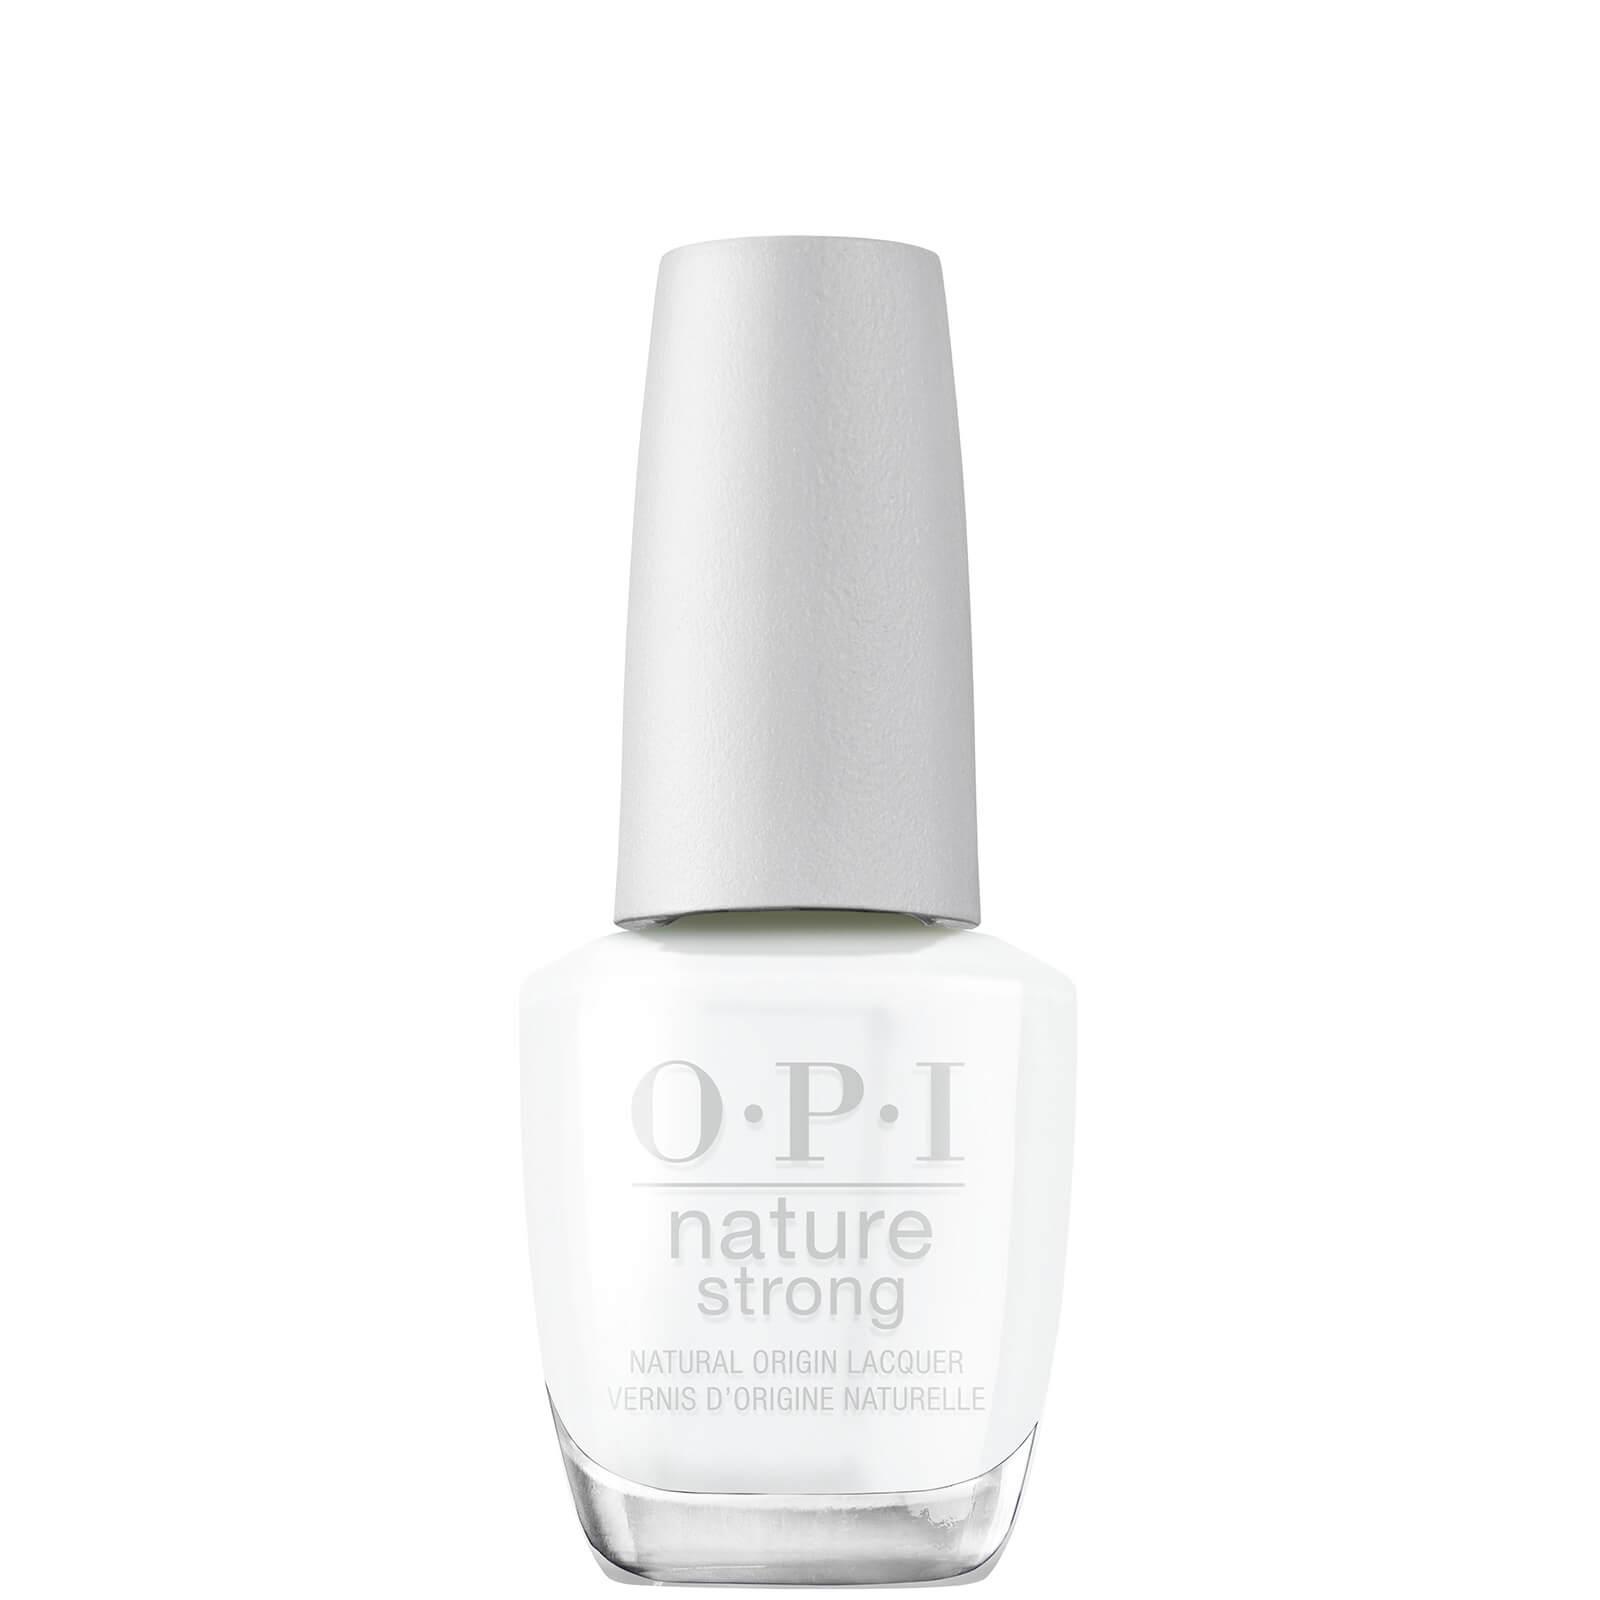 Купить OPI Nature Strong Natural Vegan Nail Polish 15ml (Various Shades) - Strong as Shell